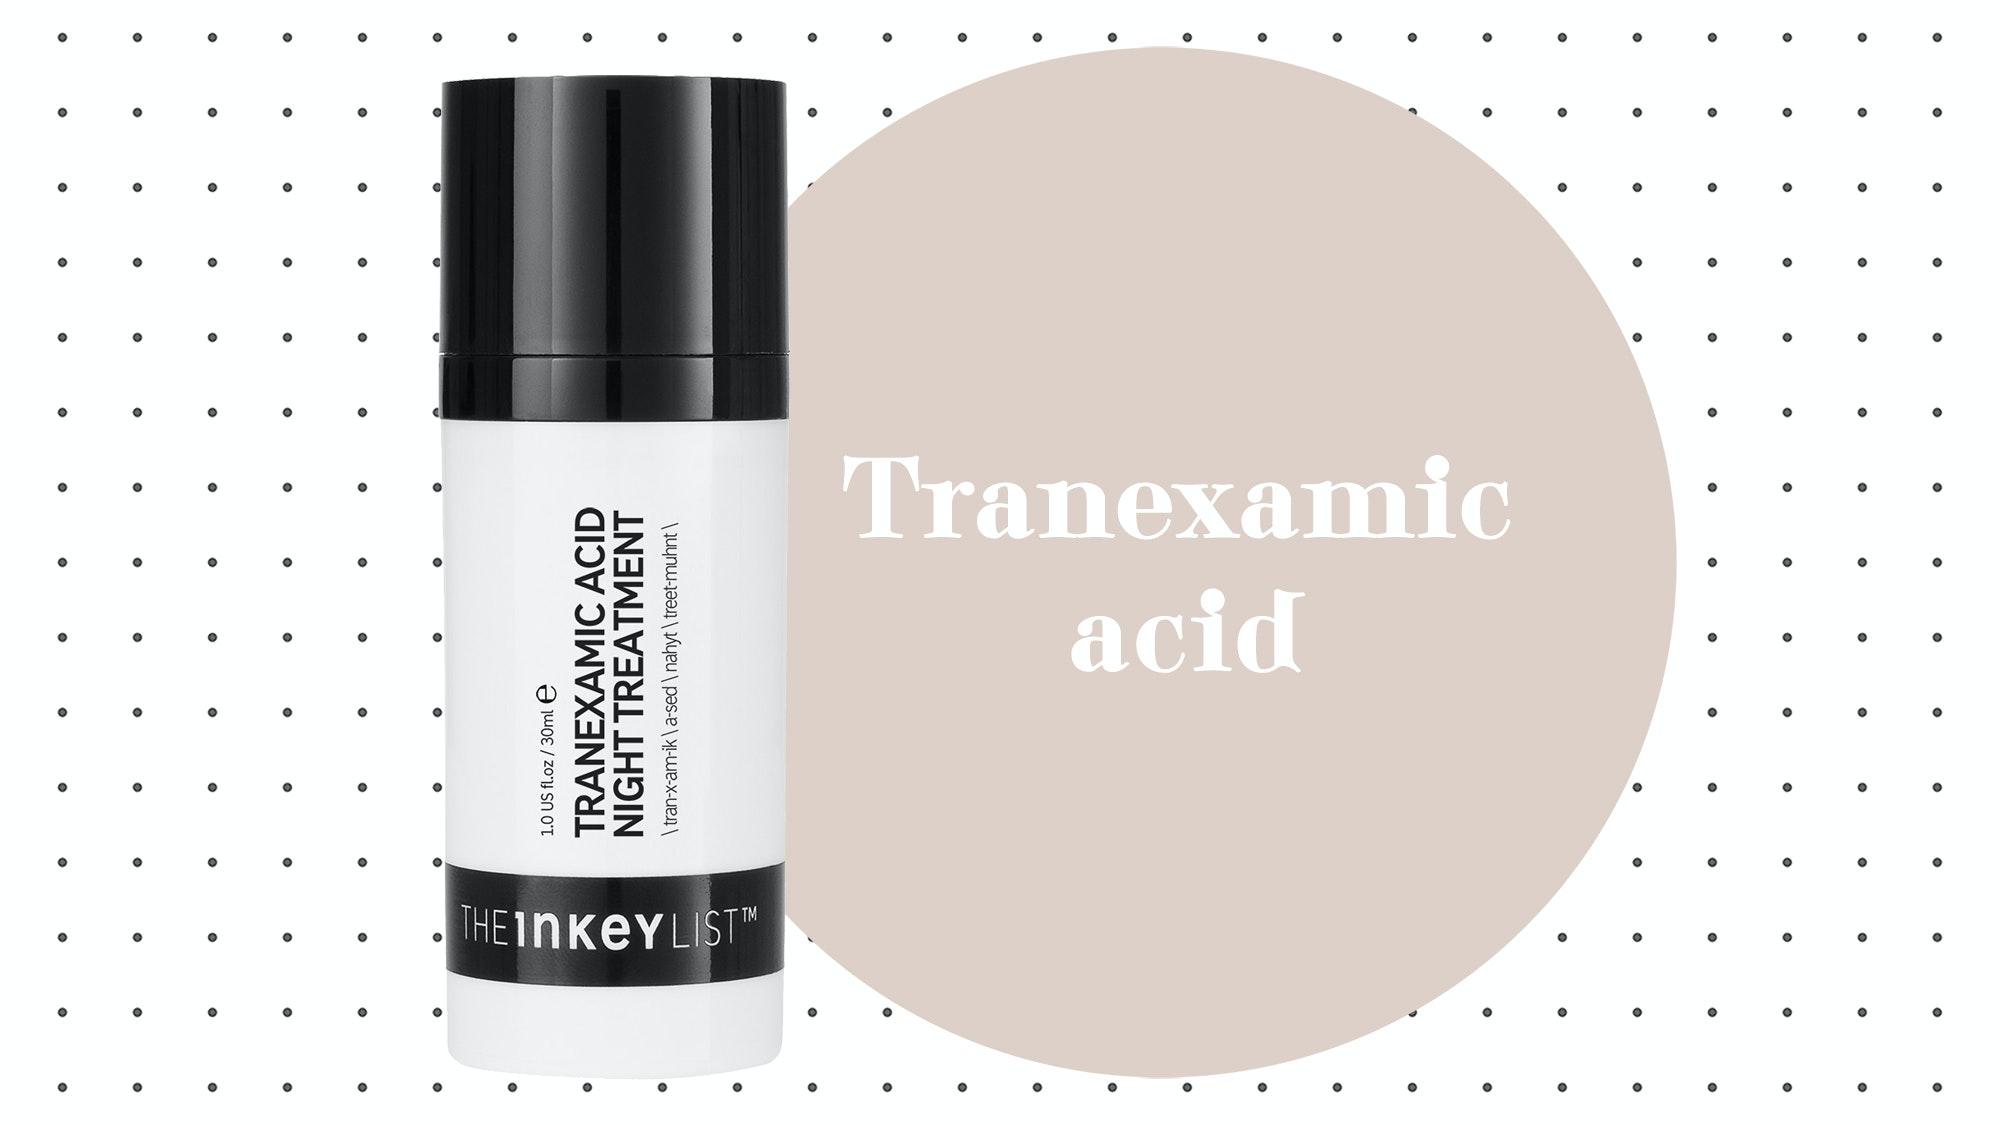 The Inkey List™ Tranexamic Acid Hyperpigmentation Treatment